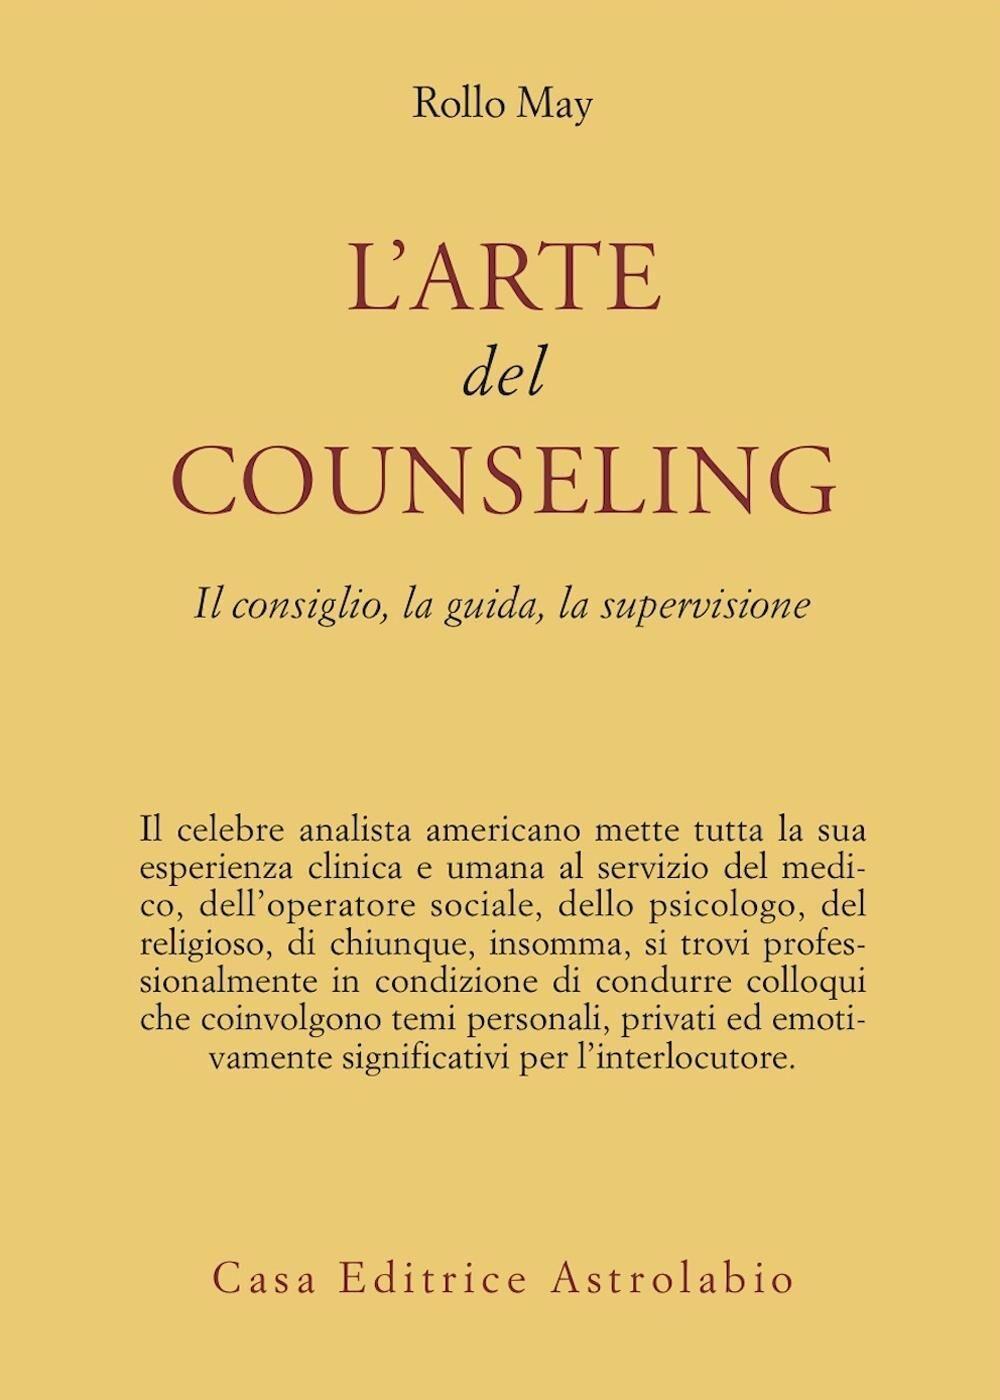 L' arte del counseling. Il consiglio, la guida, la supervisione